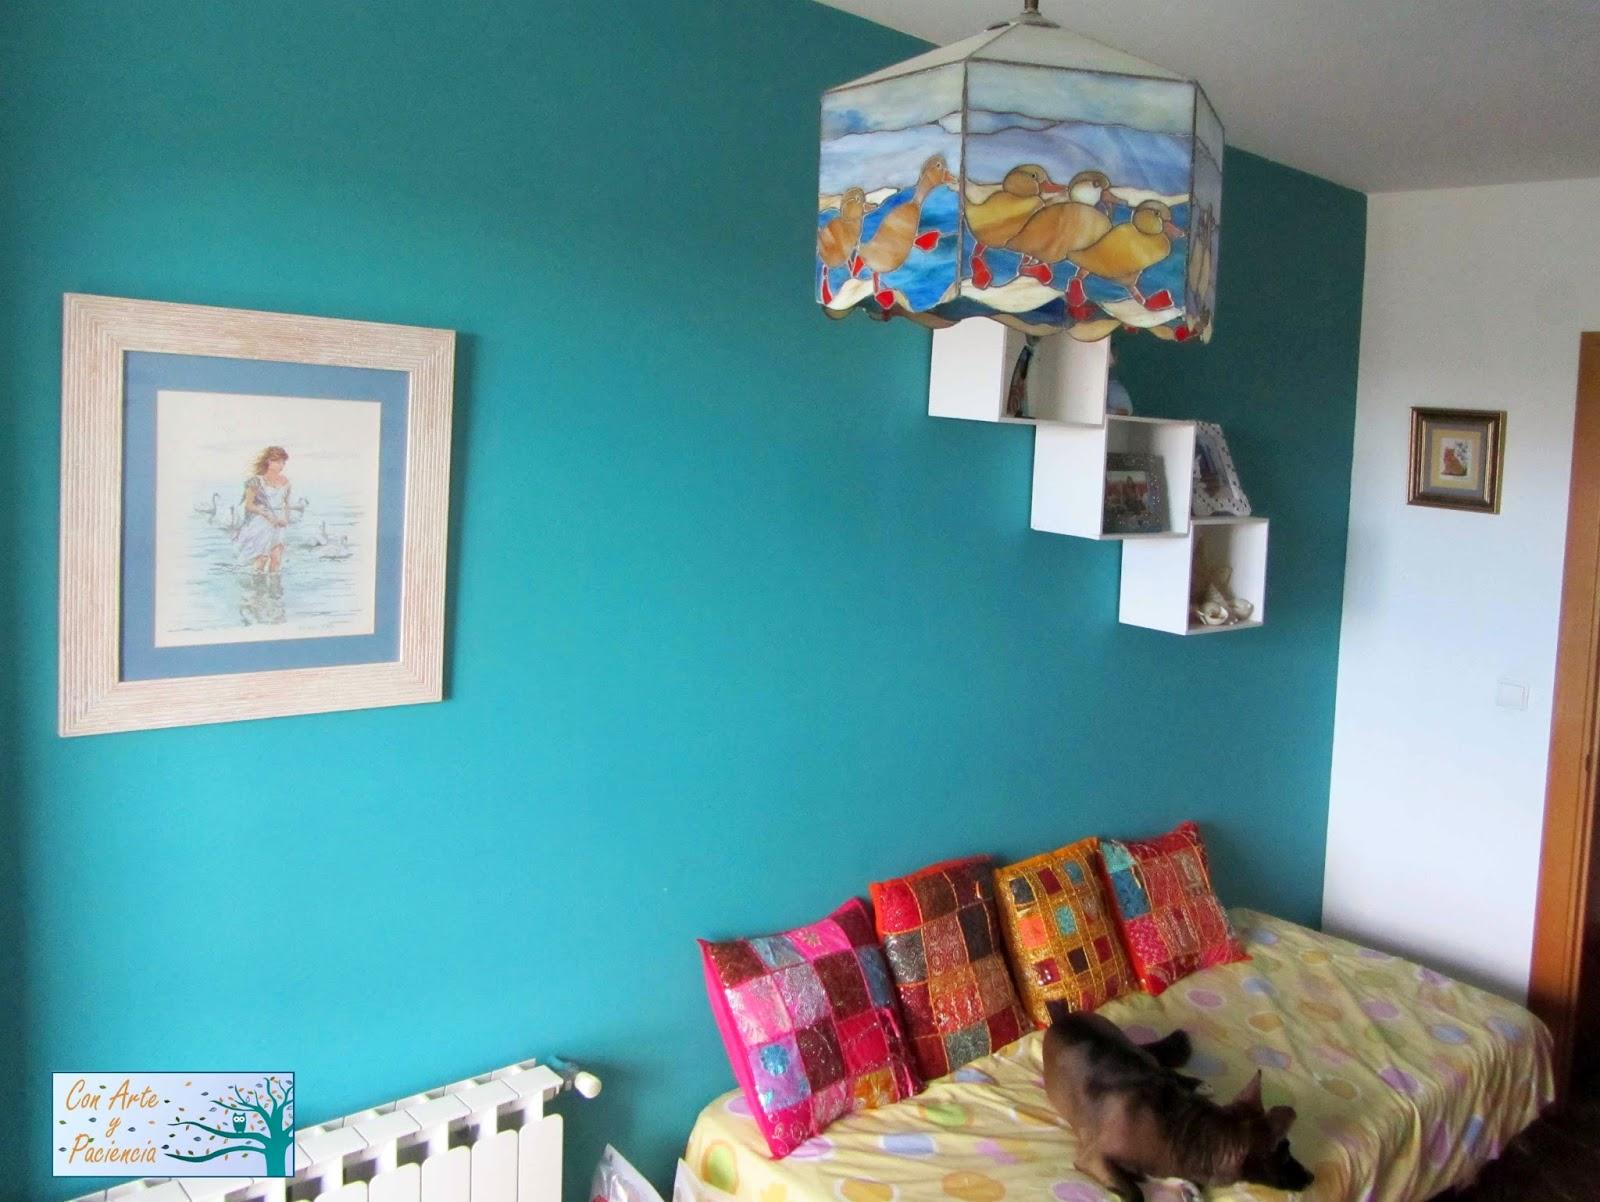 gatos,decorar,decoración,cajas,blancas,estanterías,marcos,fotos,hindu,mosaico,cojines,árabe,lámpara,tiffany,